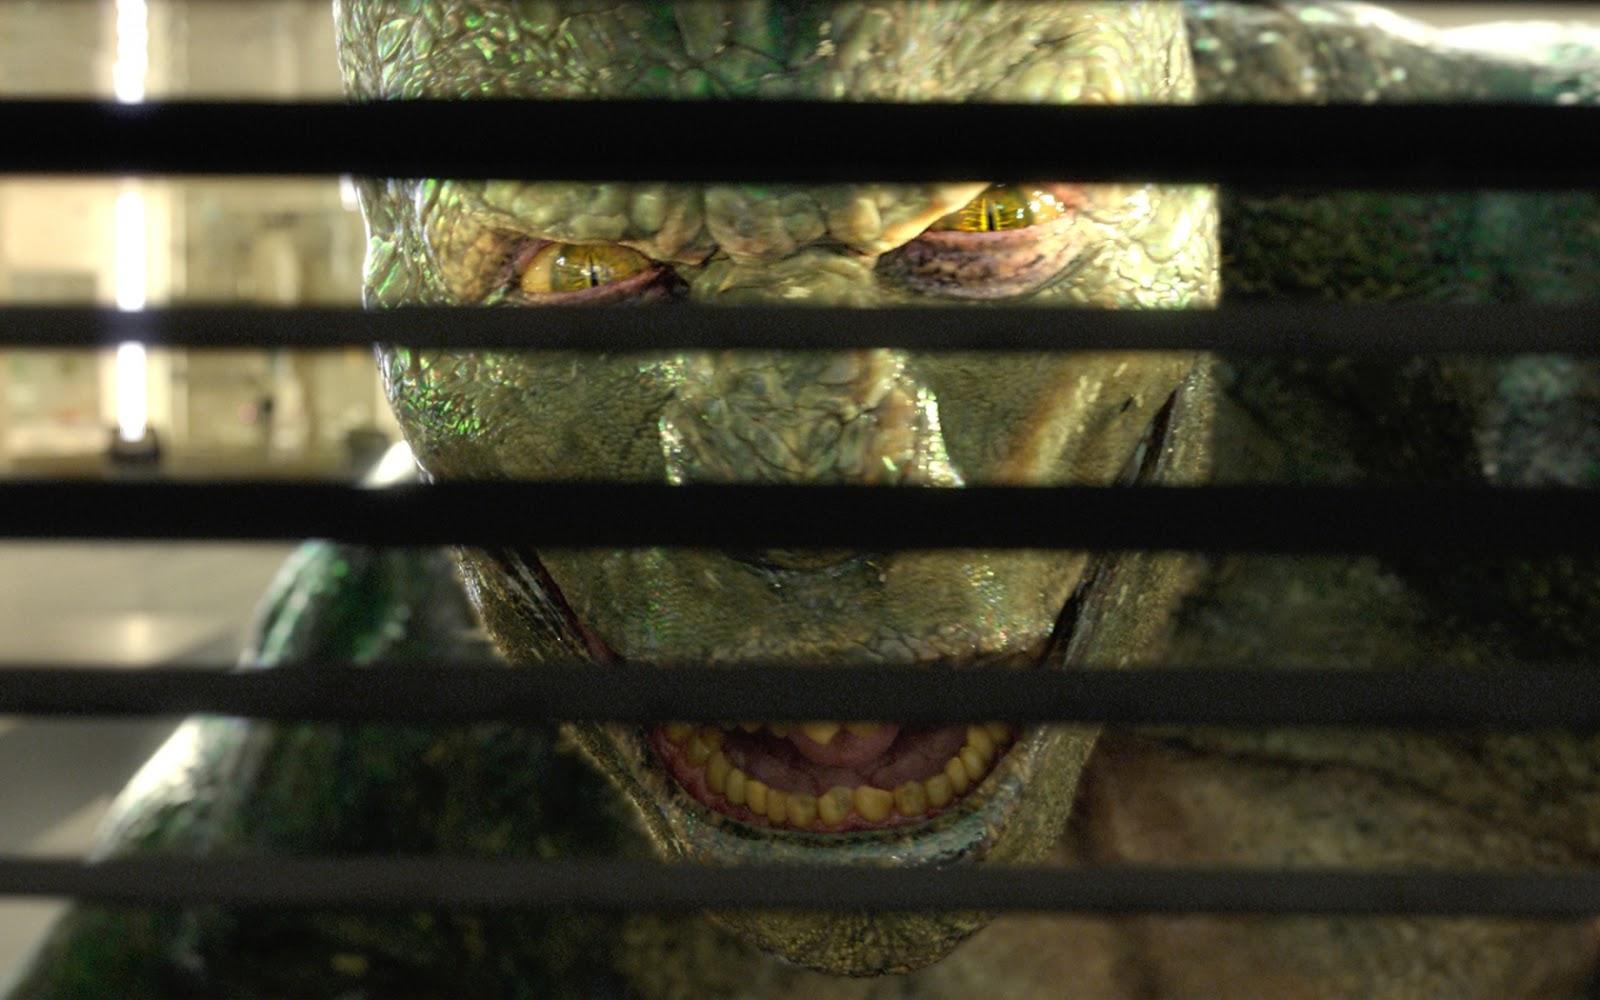 lizard in amazing spider man wallpapers - Lizard Image THE AMAZING SPIDER MAN Images Collider